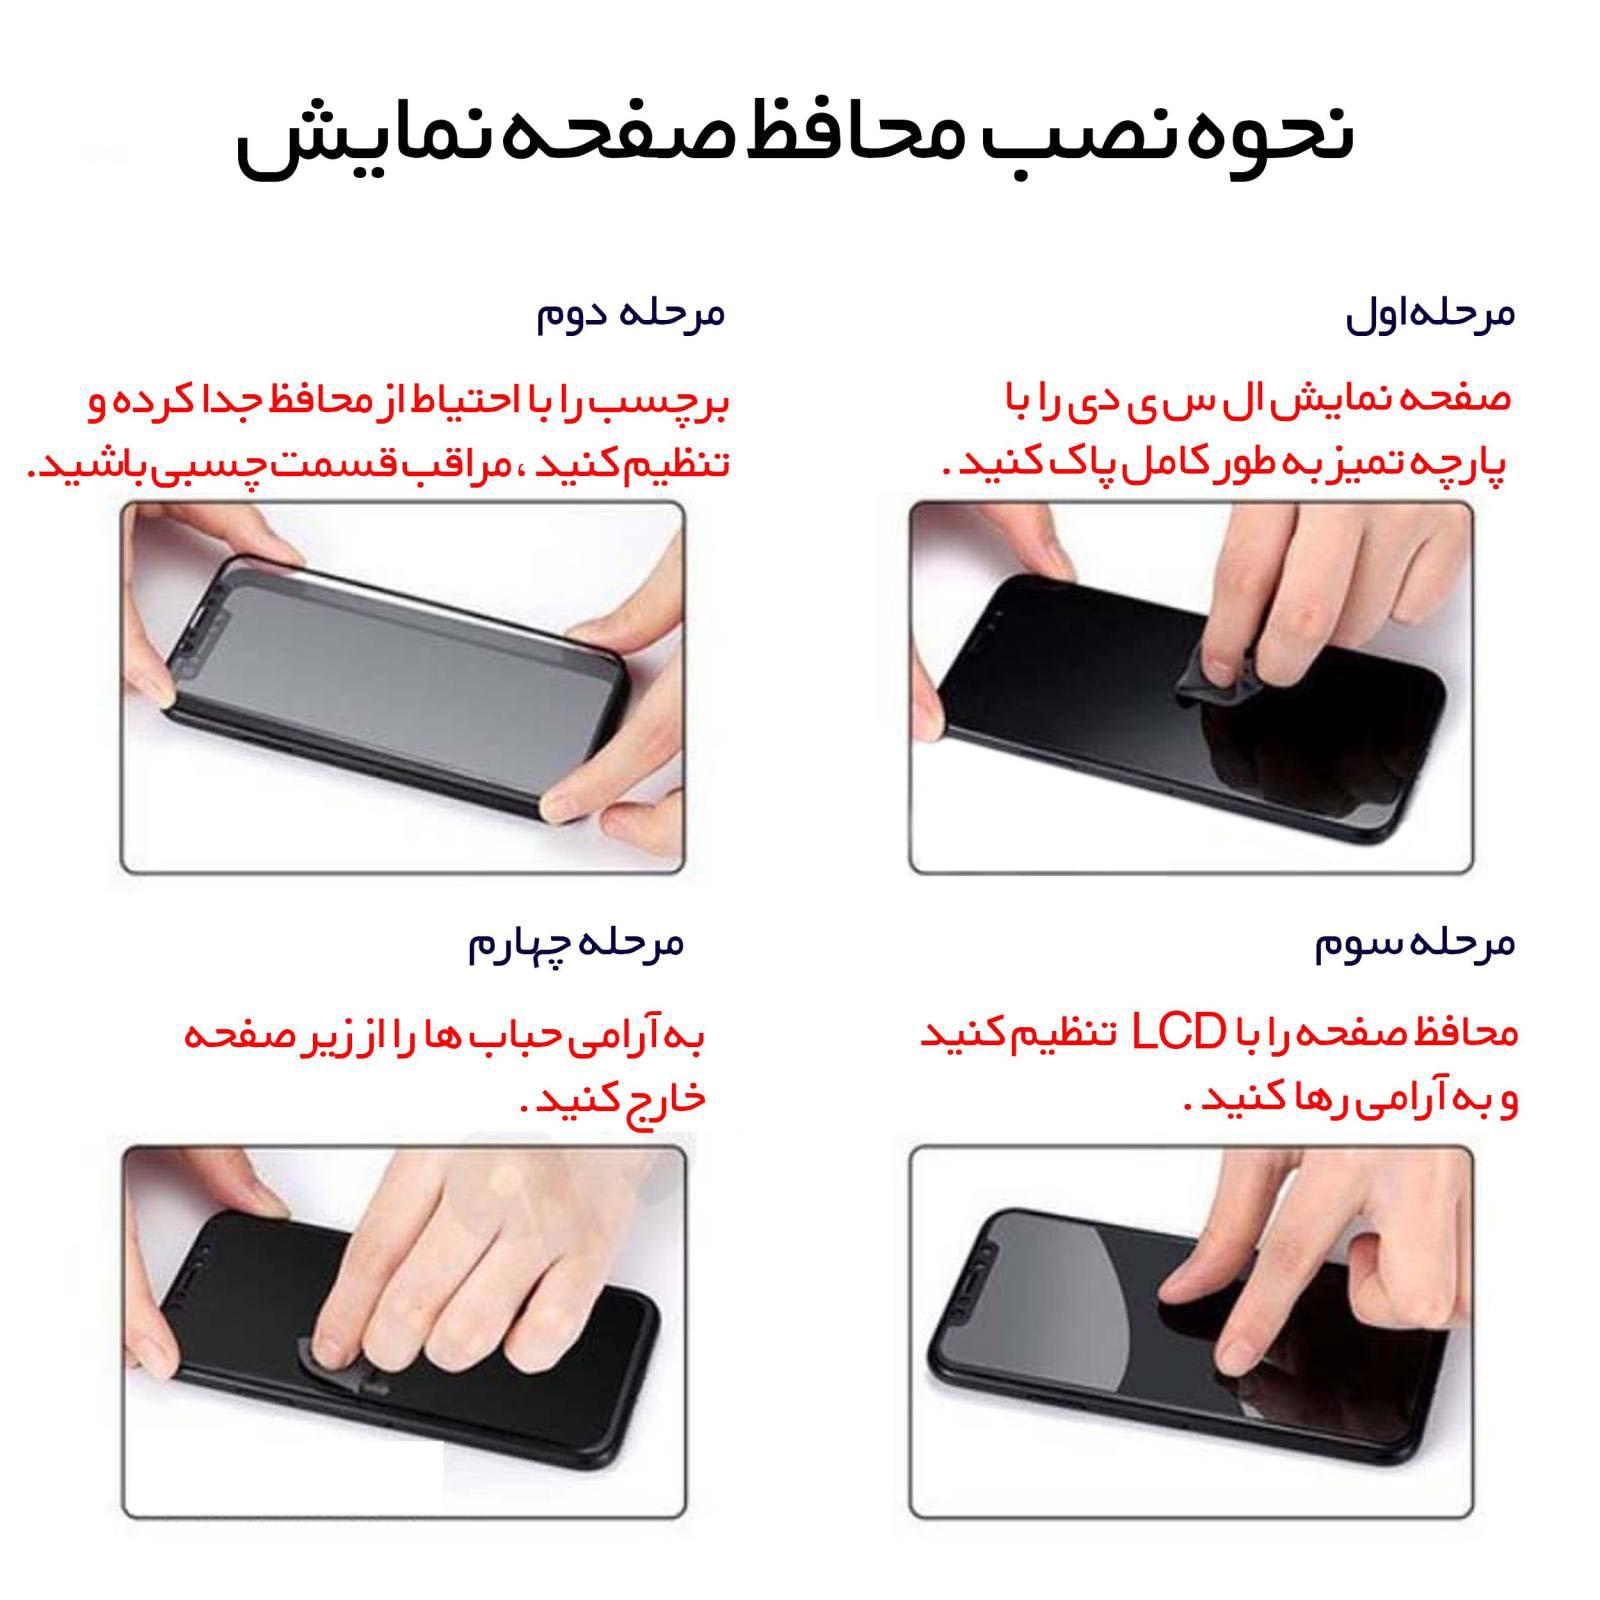 محافظ صفحه نمایش سرامیکی کوالا مدل CER-CL مناسب برای گوشی موبایل سامسونگ Galaxy A31 main 1 3